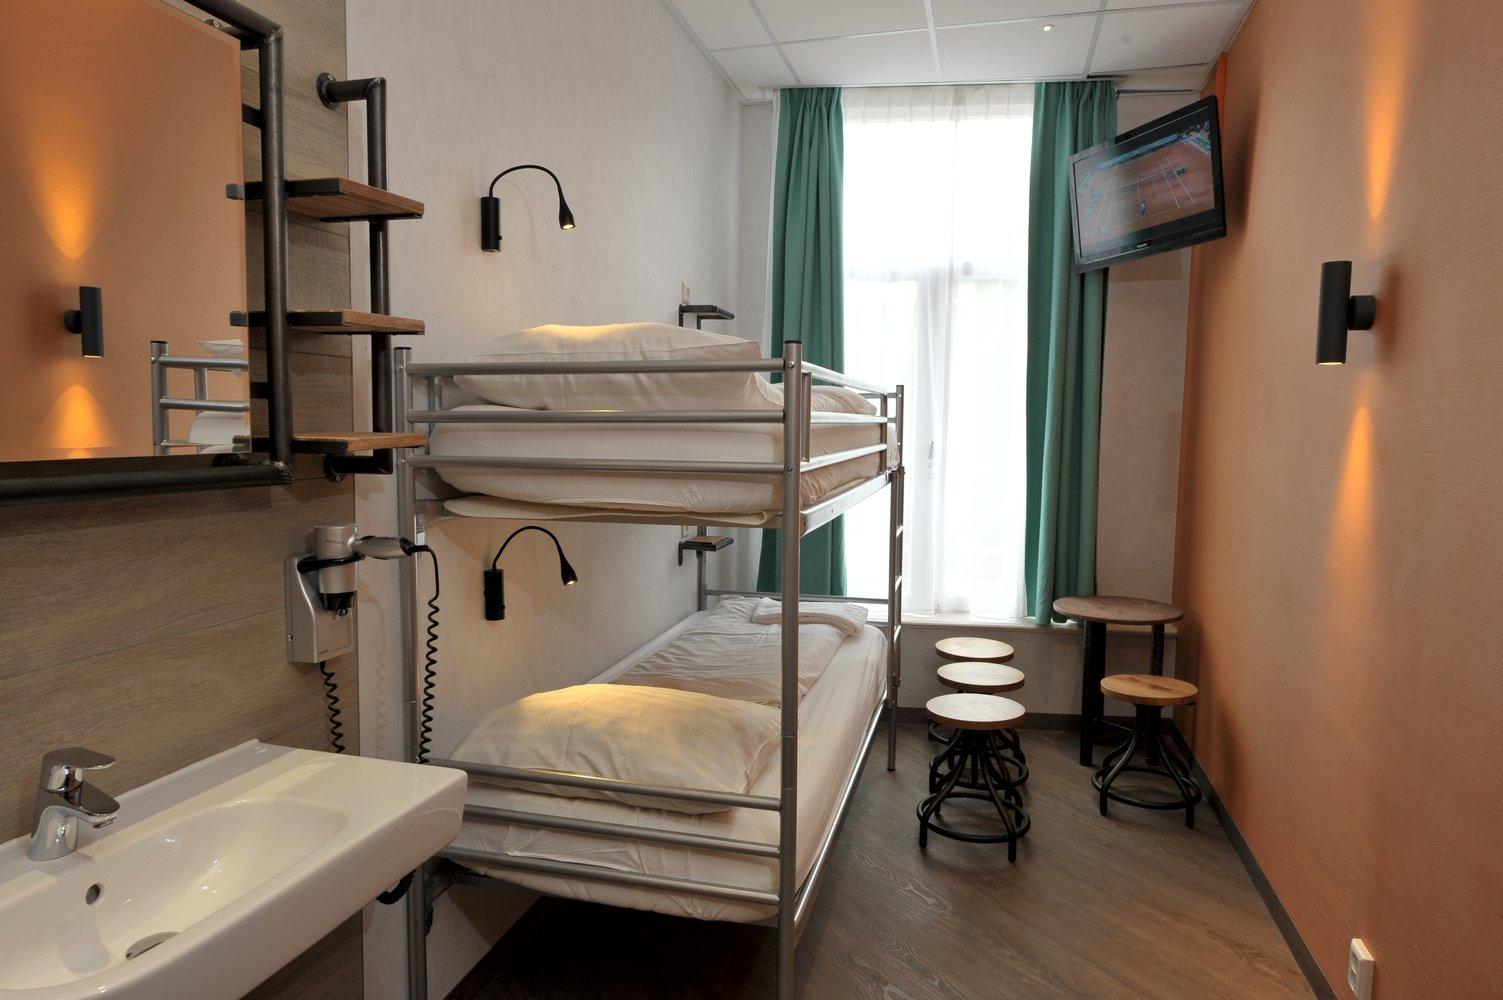 Budget Hotel Tourist Inn Amsterdam Netherlands Reviews